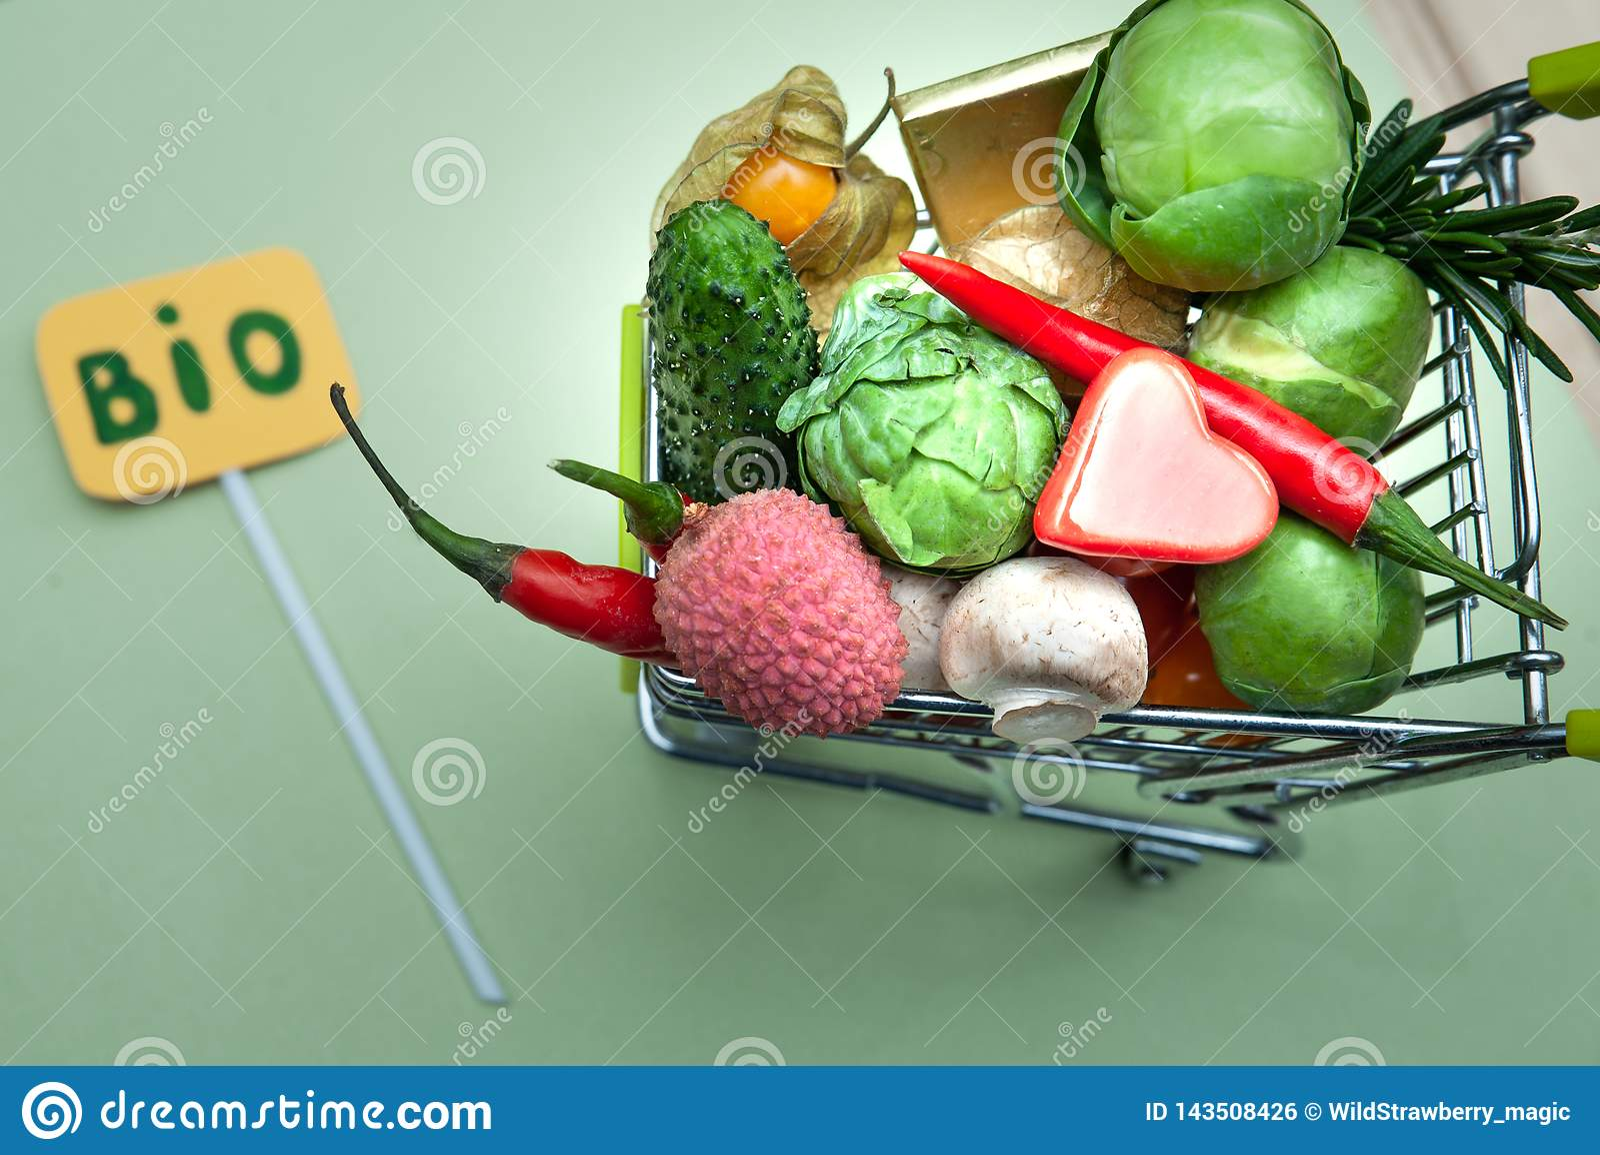 Βιο έννοια οργανικής τροφής υγείας, κάρρο αγορών στο σύνολο υπεραγορών των φρούτων και λαχανικών, Τοπ όψη